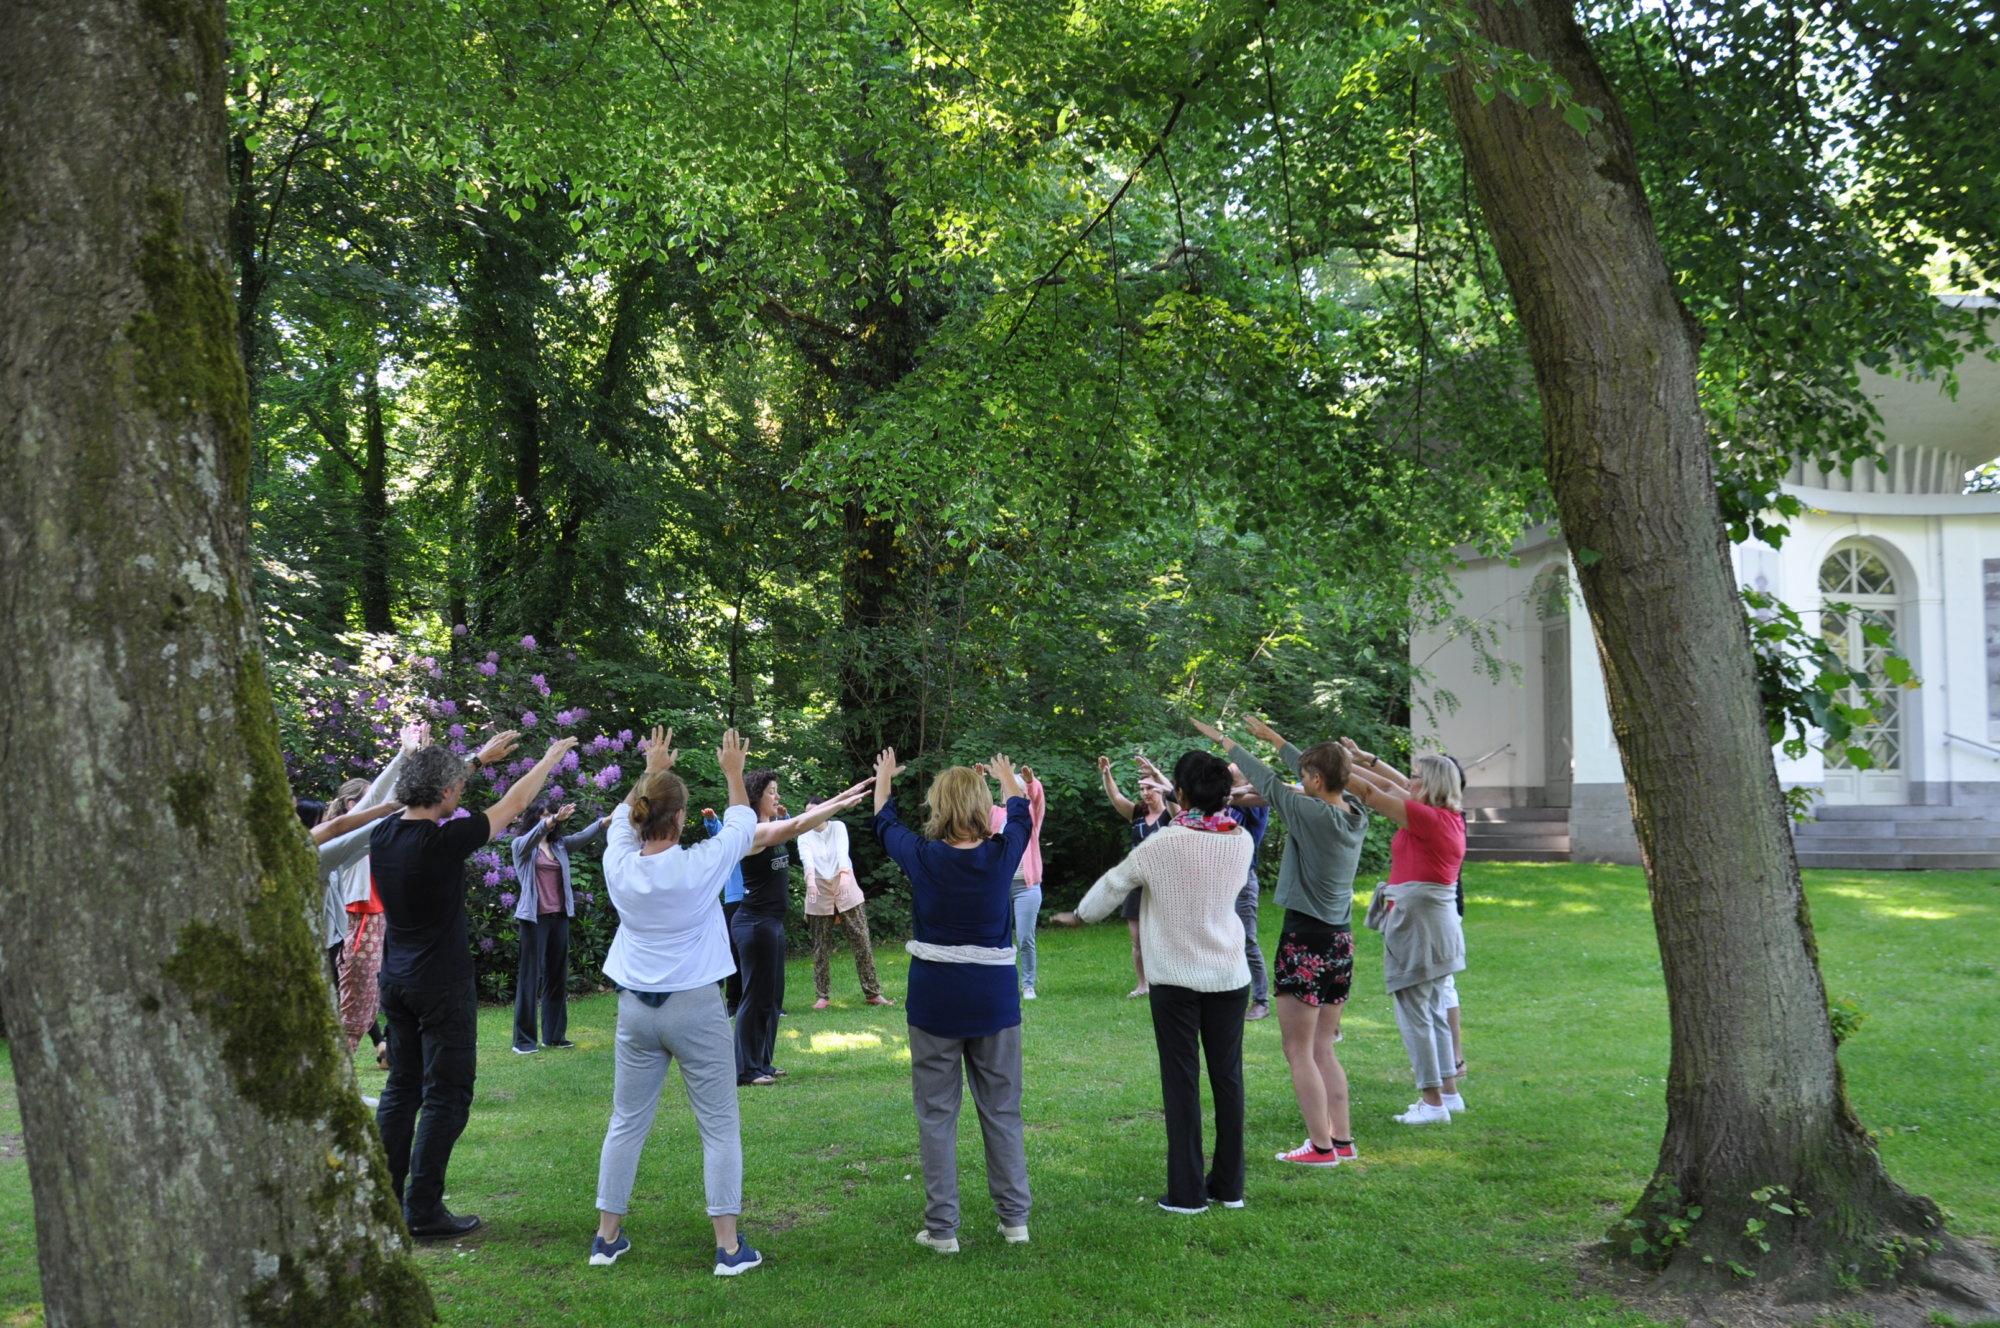 berdijfsworkshop ademhalingsoefeningen @The Park Boekenbergpark